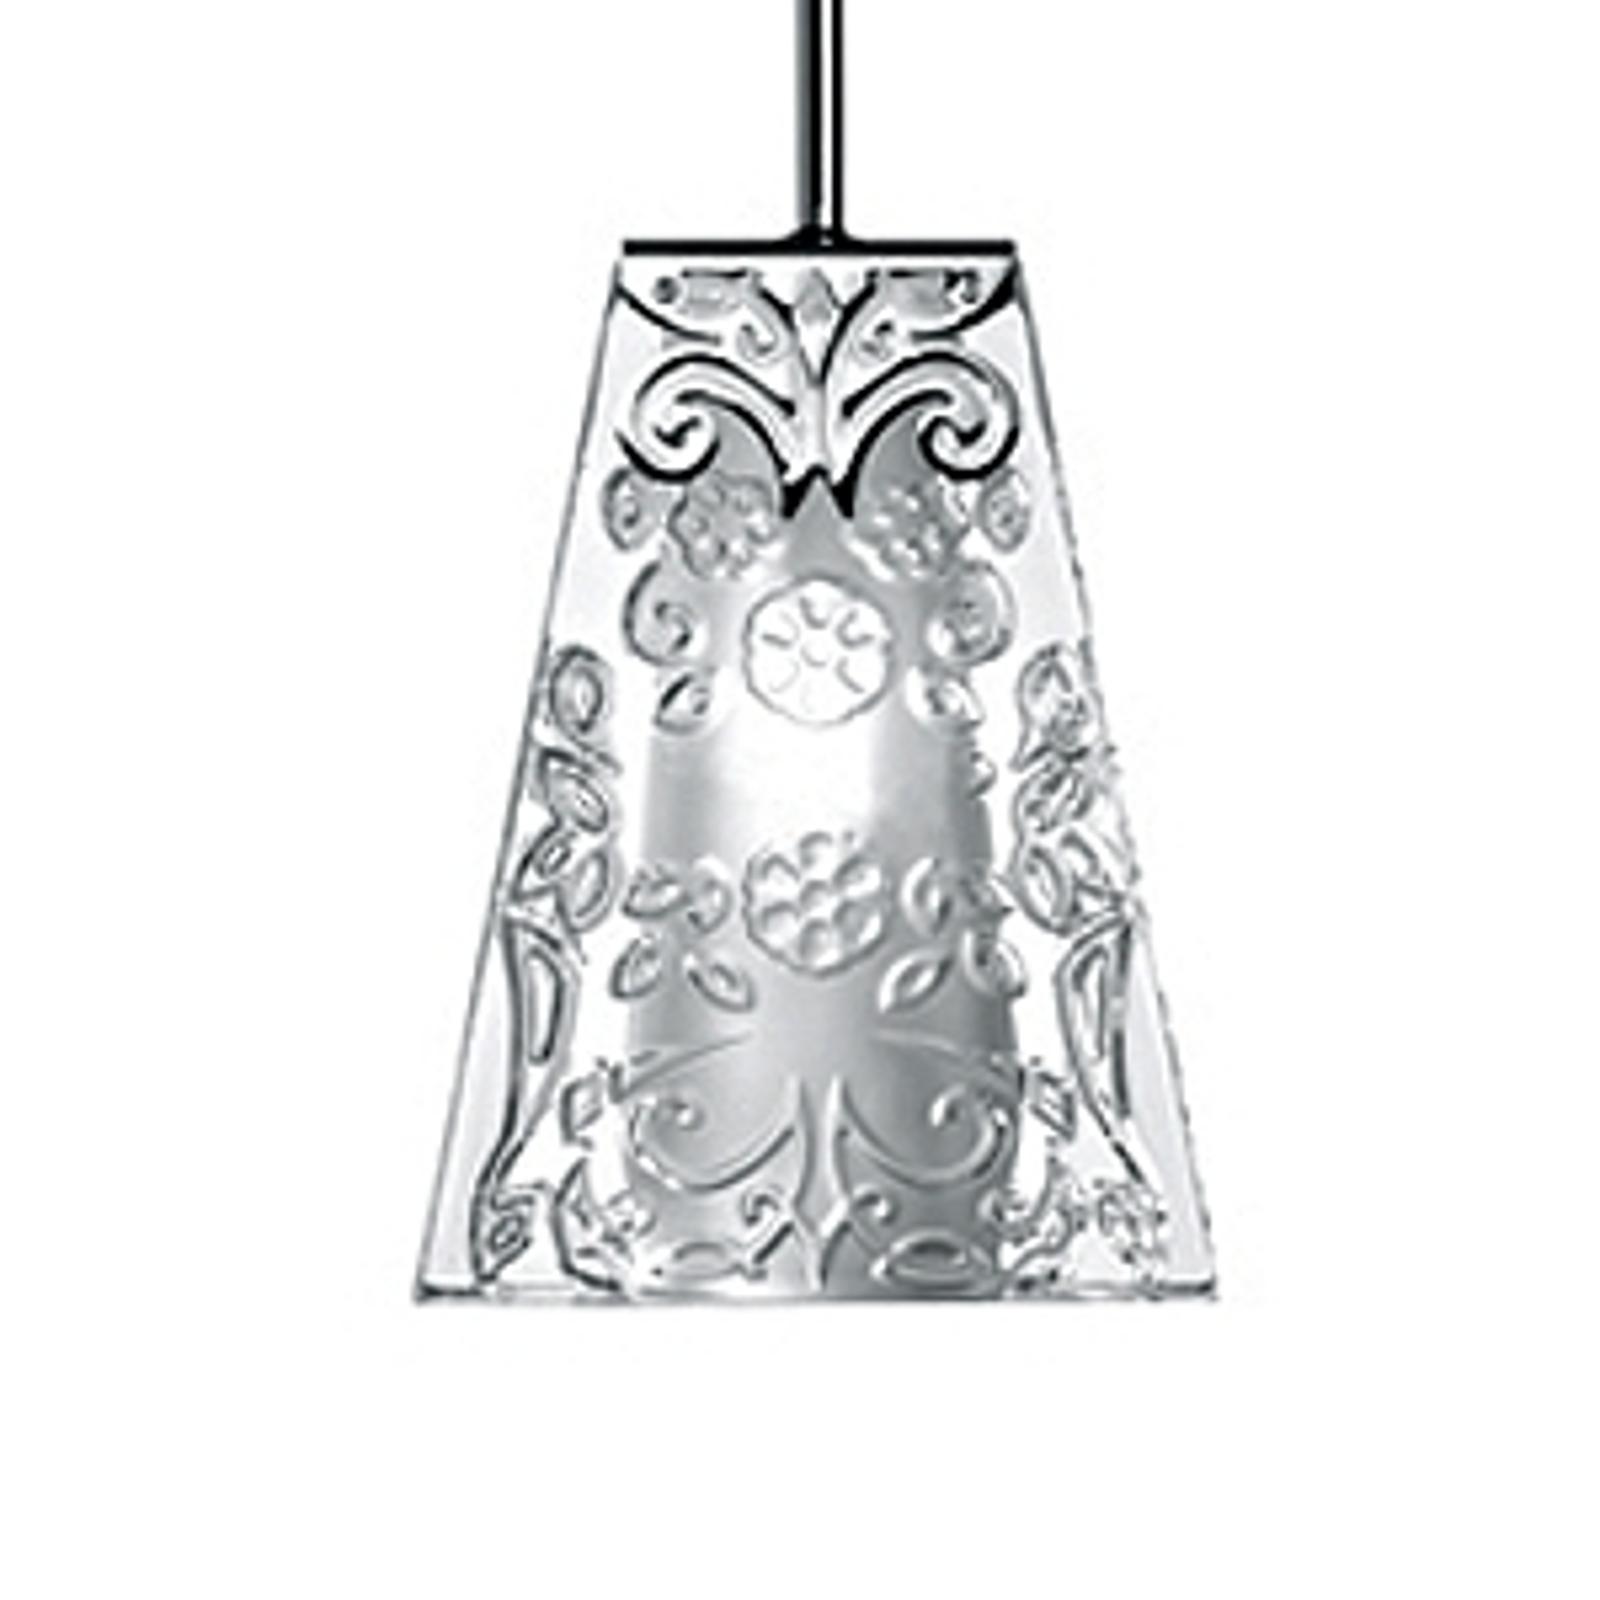 Incantevole lampada a sospensione VICKY a una luce